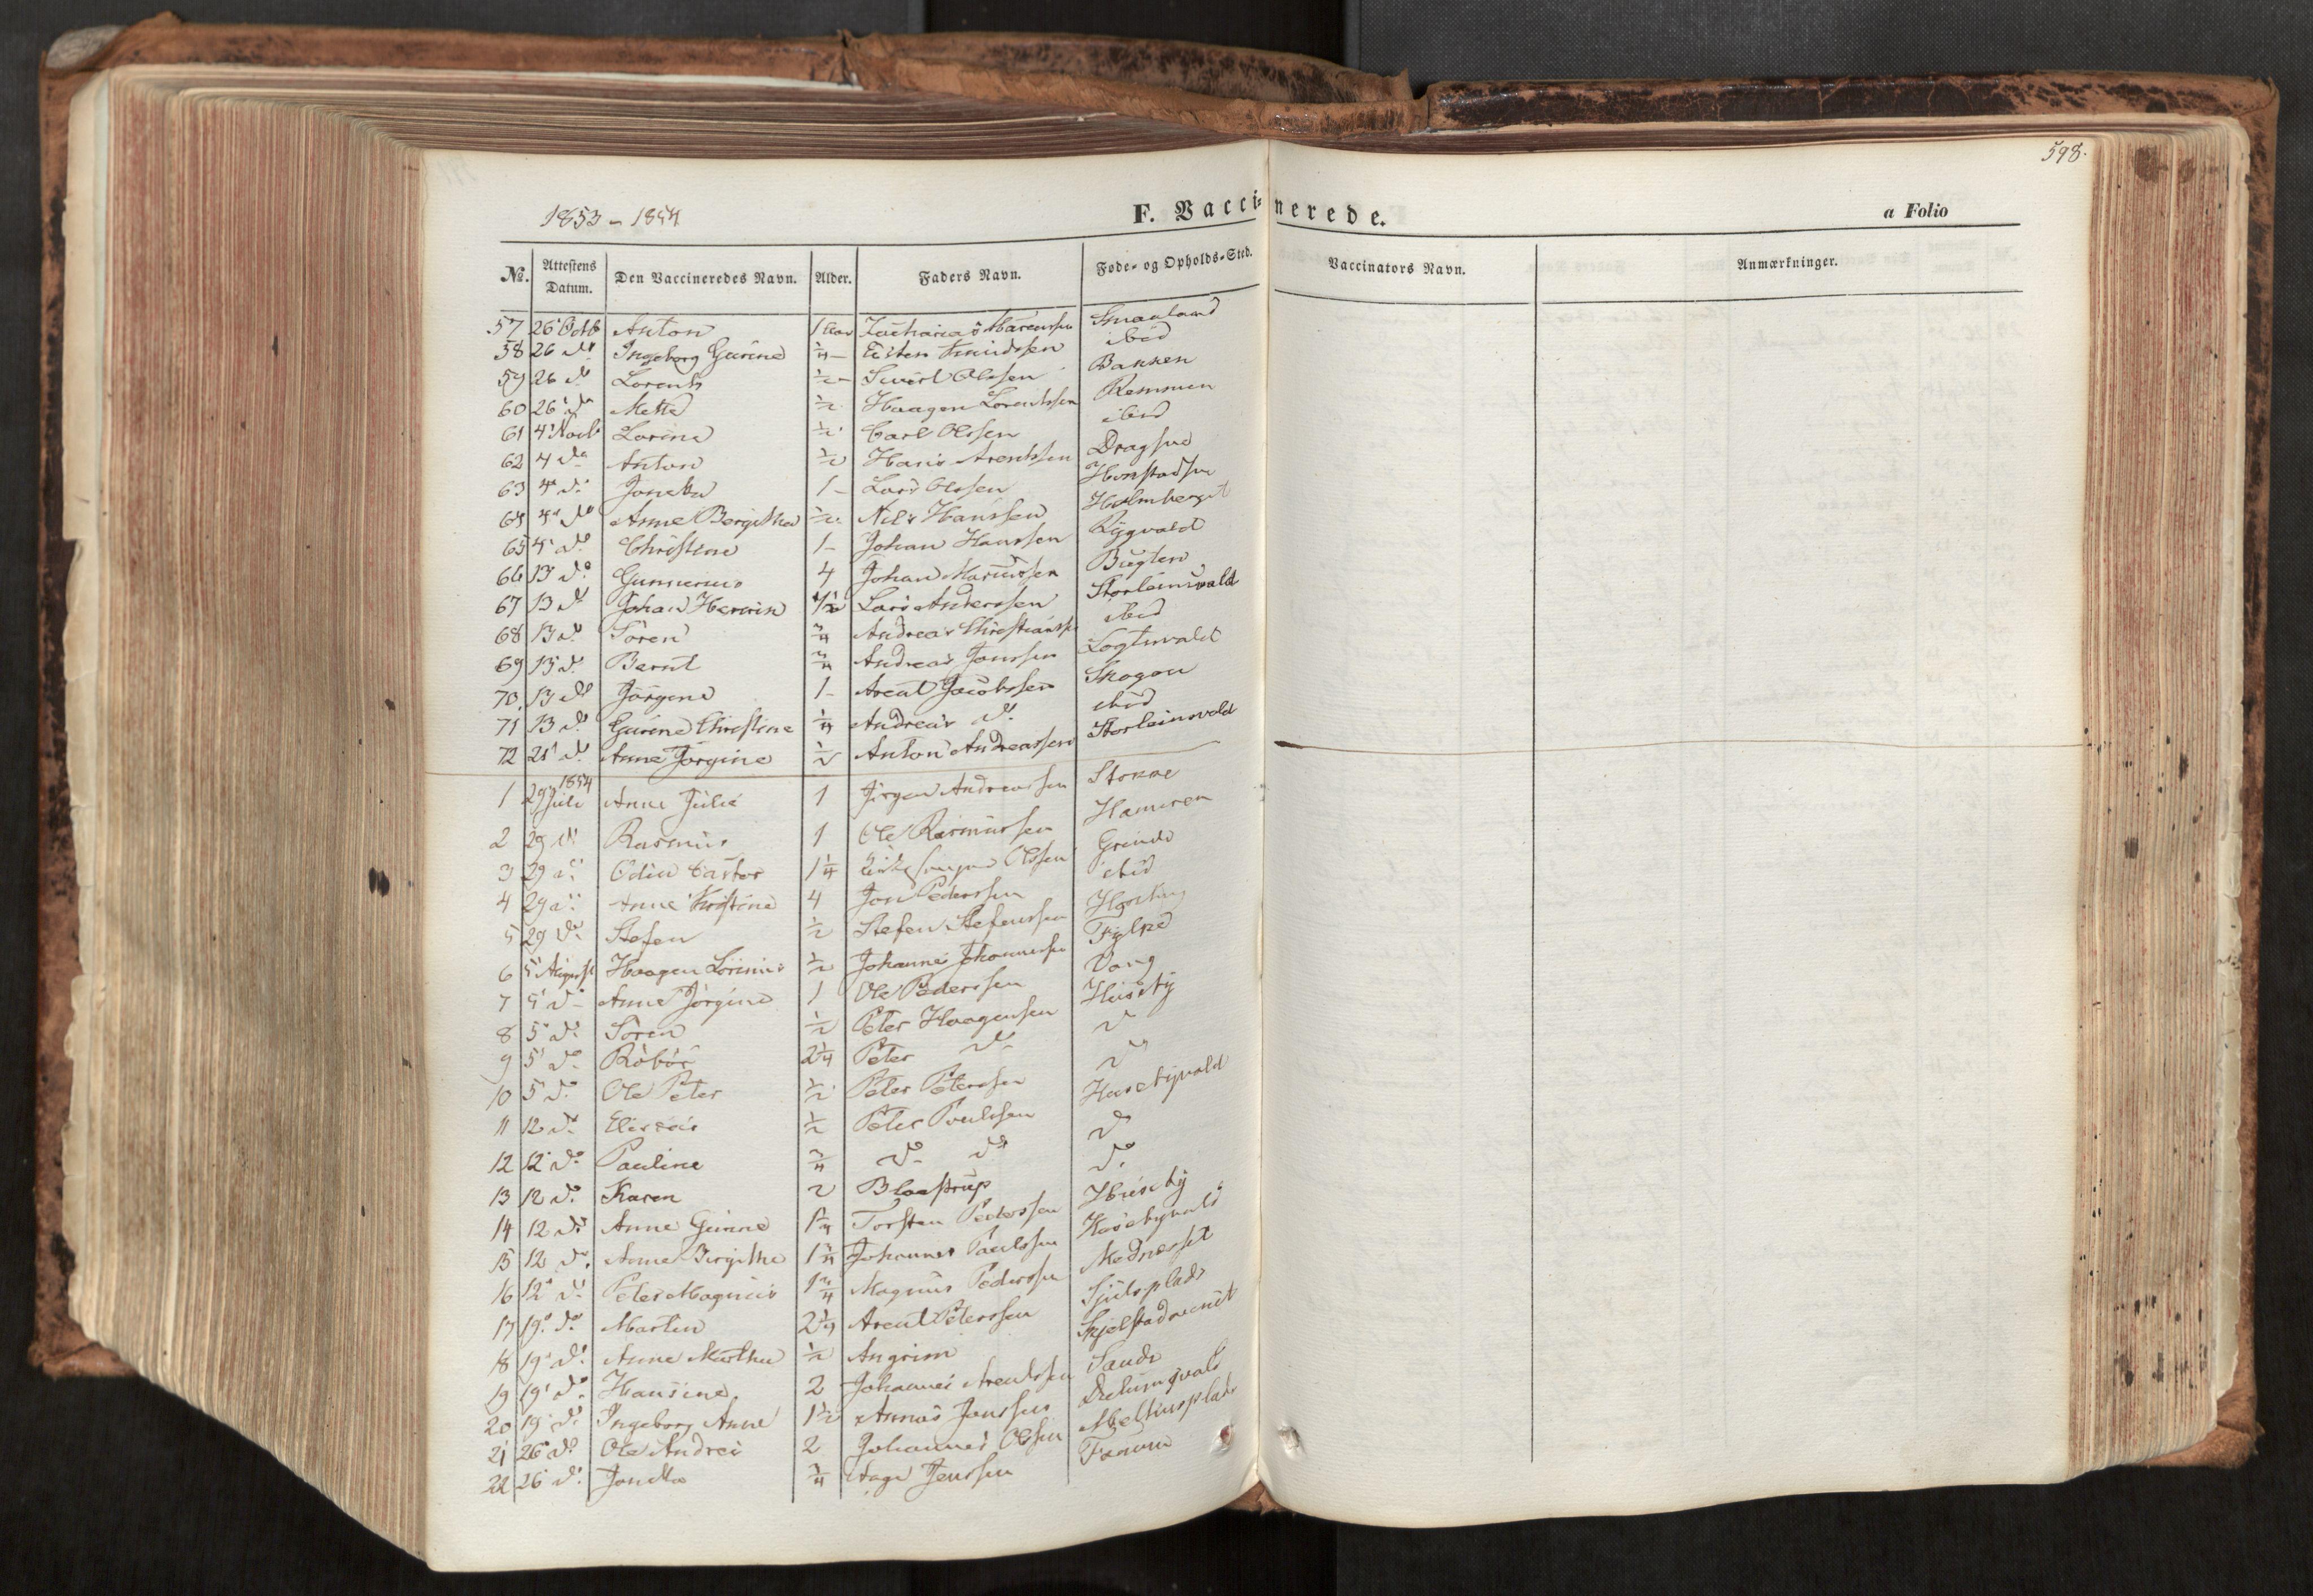 SAT, Ministerialprotokoller, klokkerbøker og fødselsregistre - Nord-Trøndelag, 713/L0116: Ministerialbok nr. 713A07, 1850-1877, s. 598